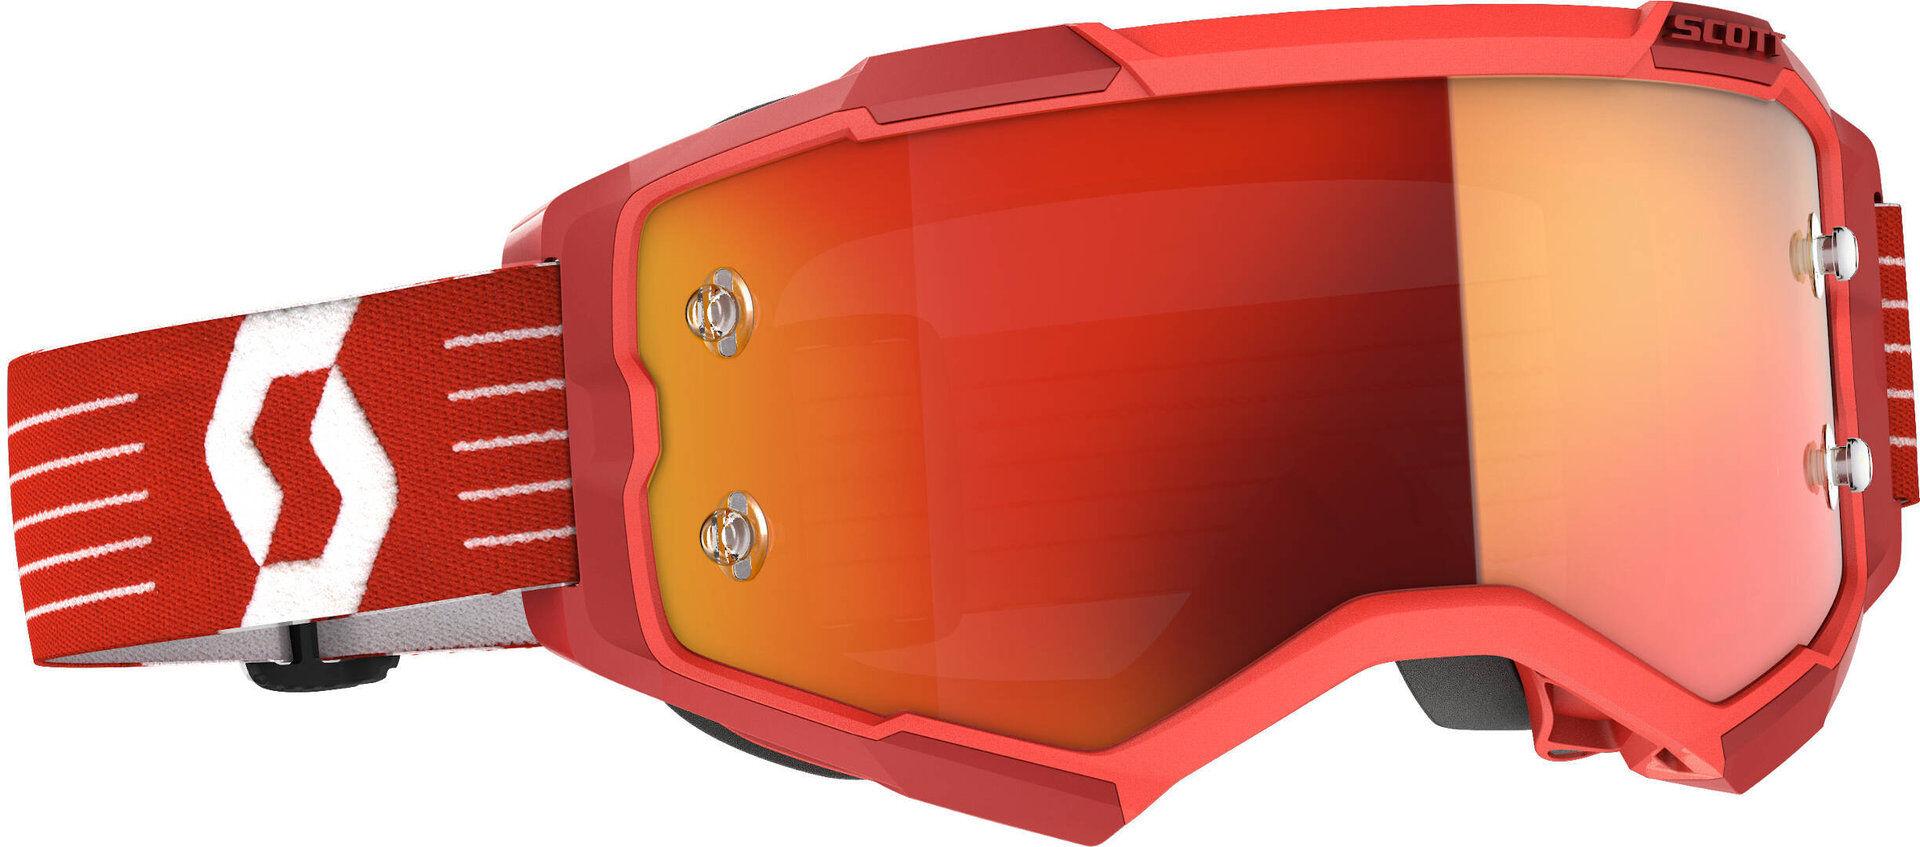 Scott Fury Lunettes de Motocross rouges Rouge taille : unique taille